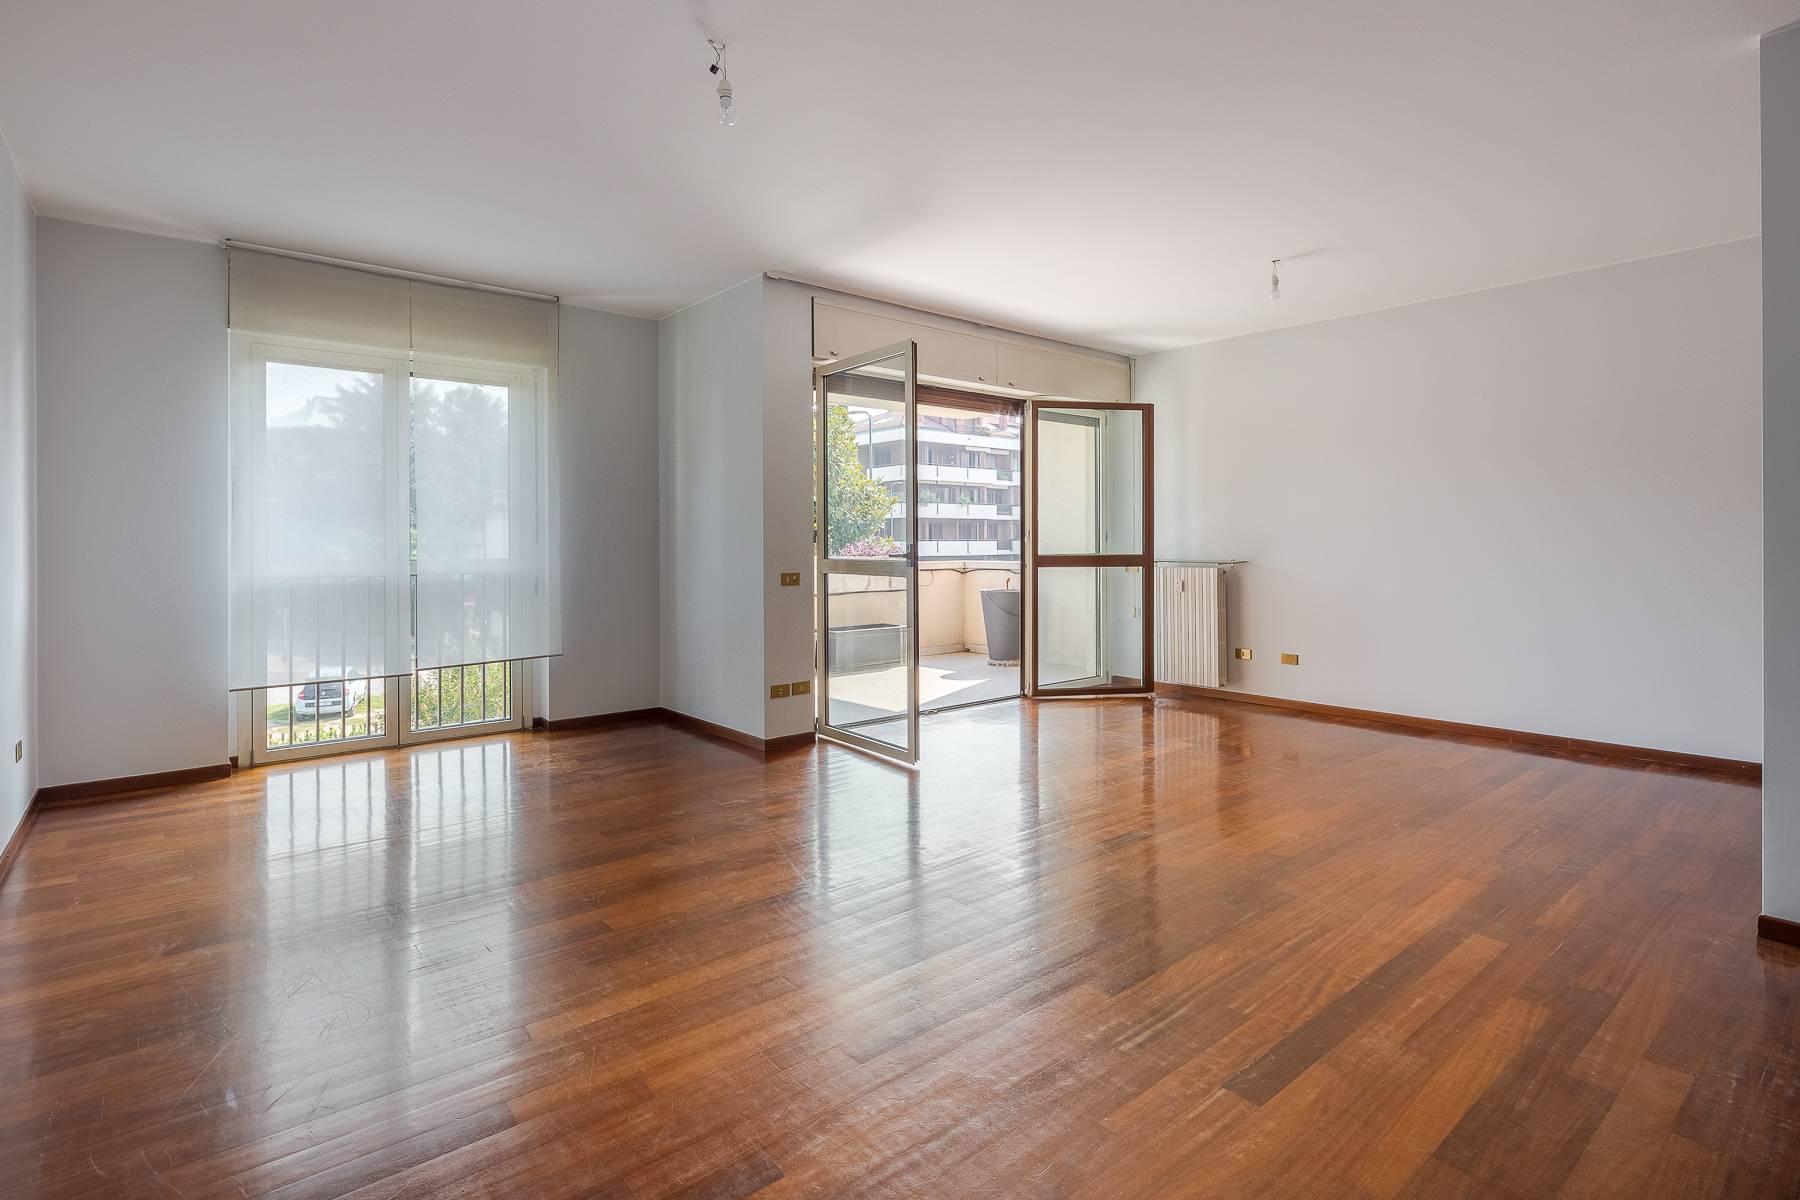 Appartamento in Vendita a Milano: 4 locali, 193 mq - Foto 5